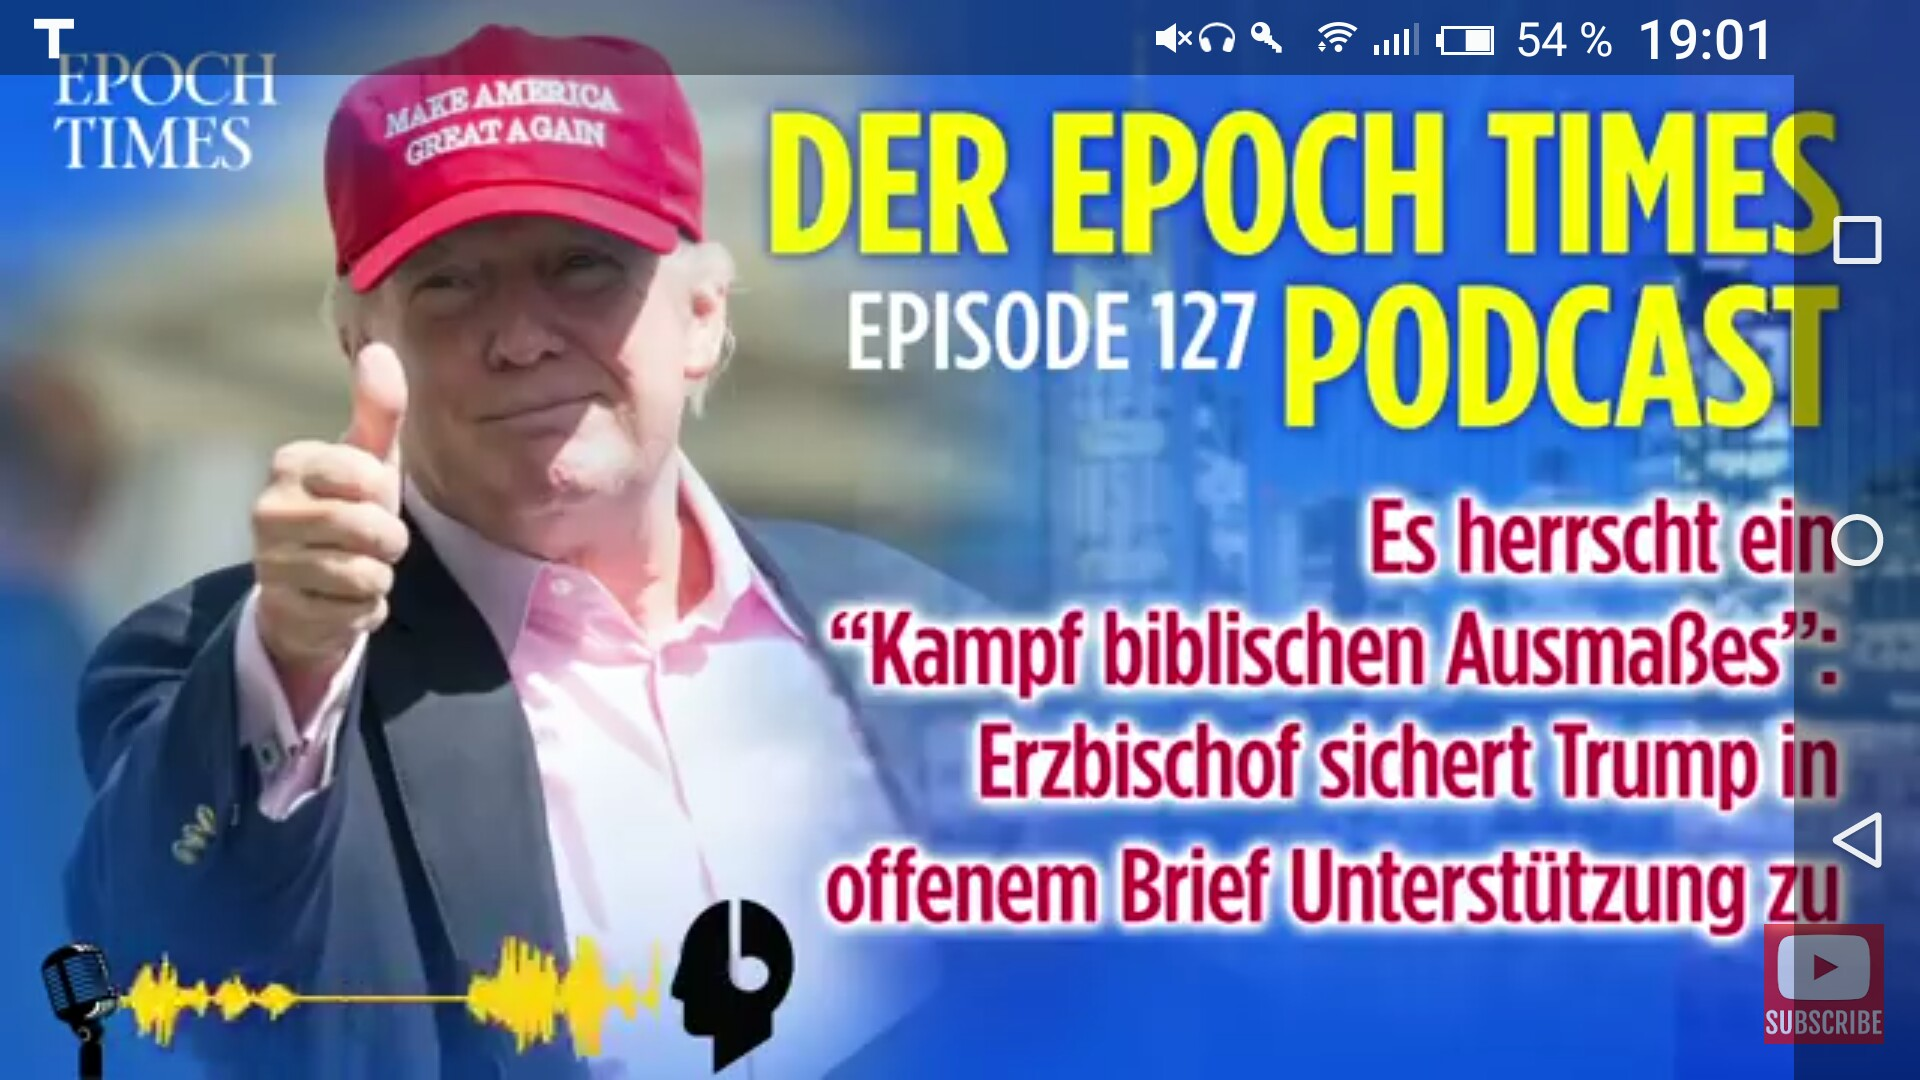 Neue Whitehouse Petition 4.7.2020: Sehr geehrter Herr Präsident Trump, bitte helfen Sie dem deutschen Volk, sich von Angela Merkel und ihrer Schattenregierung zu befreien!